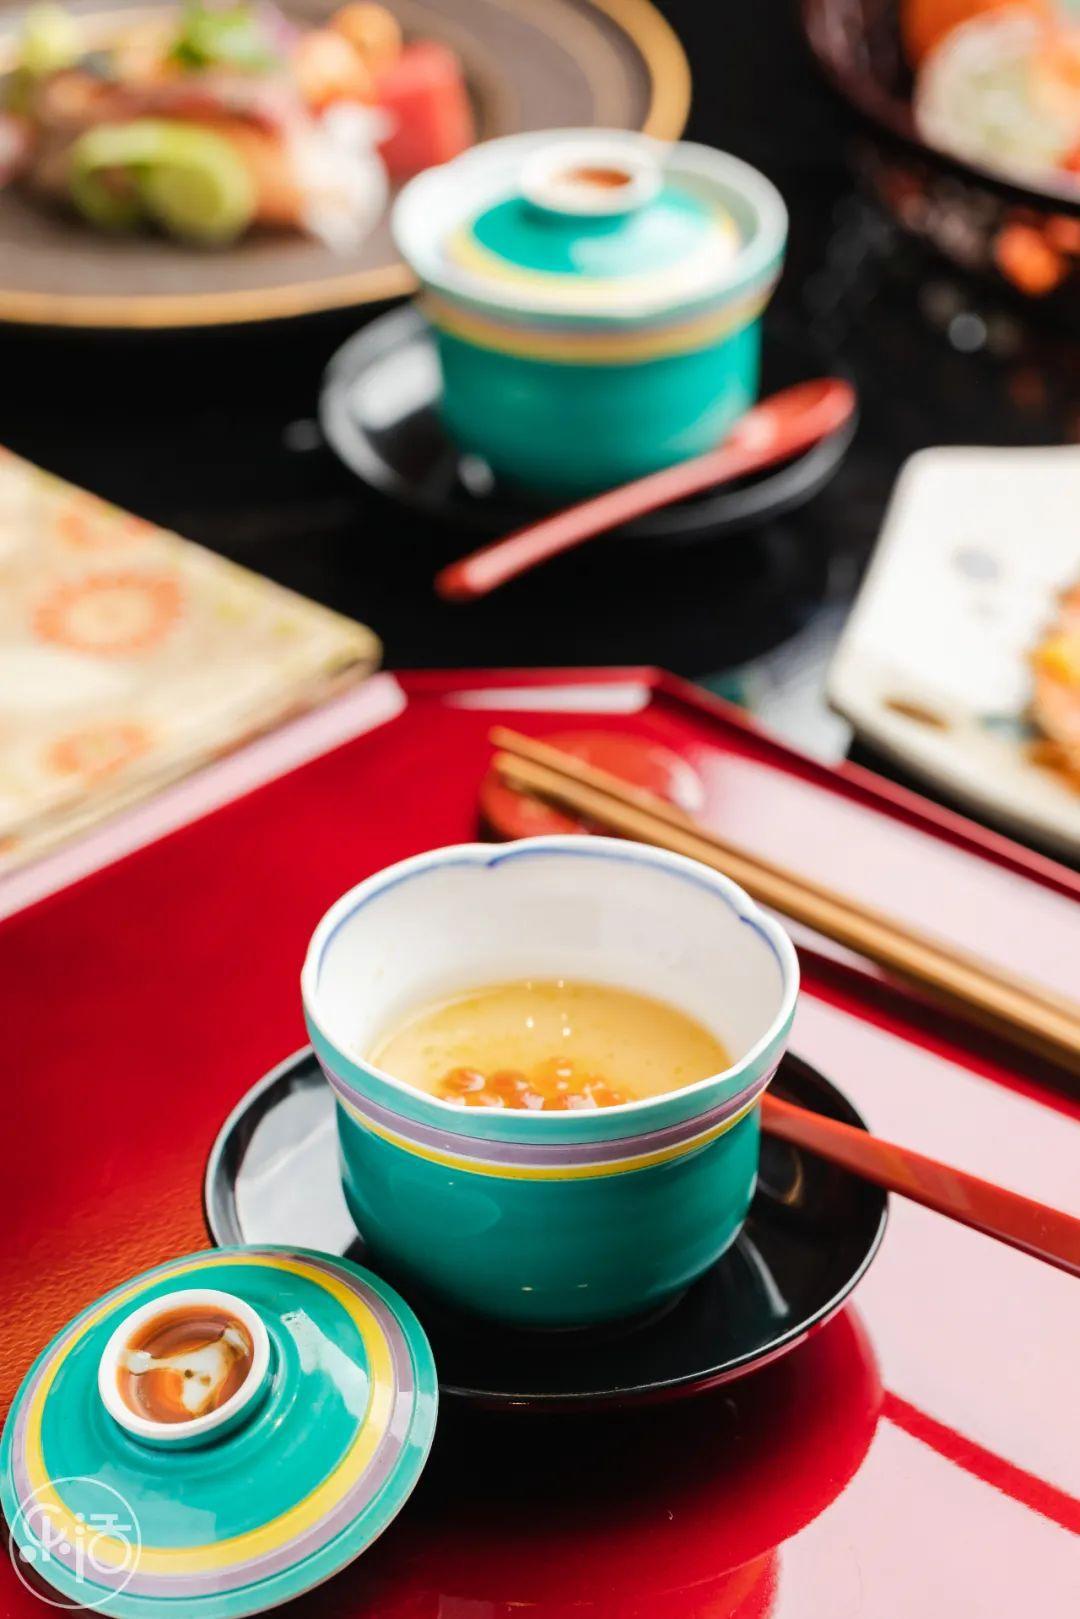 全杭州Zui大的会席料理店来袭!人均600元就能体验到的Top级日料,来自日本饮食文化的上等名流之选!(图43)